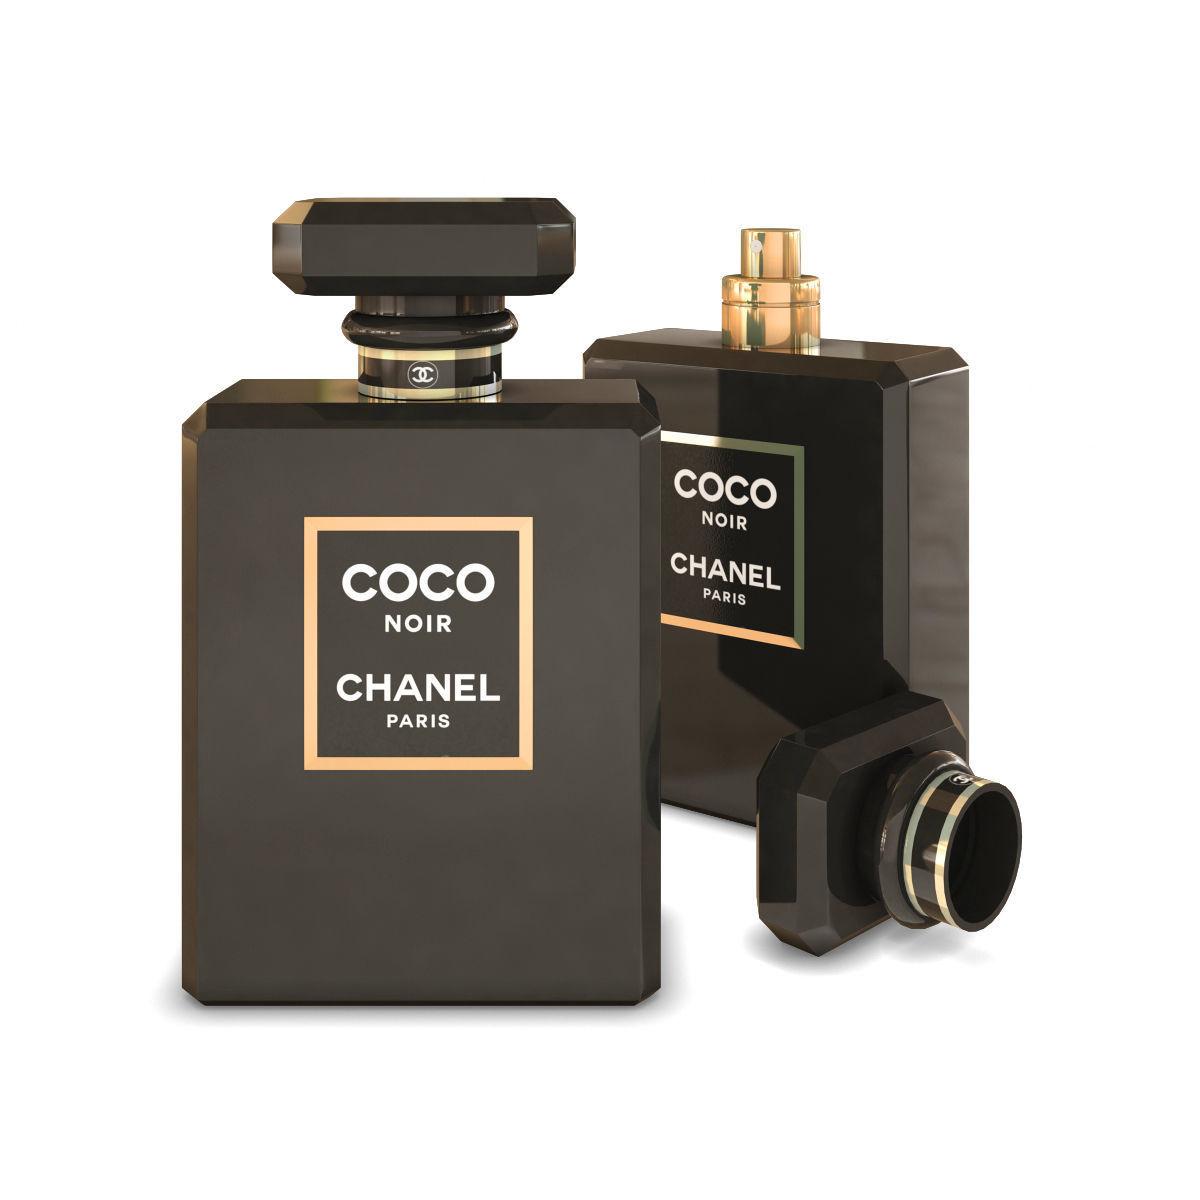 74d2c37a Chanel Coco Noir Perfume | 3D model